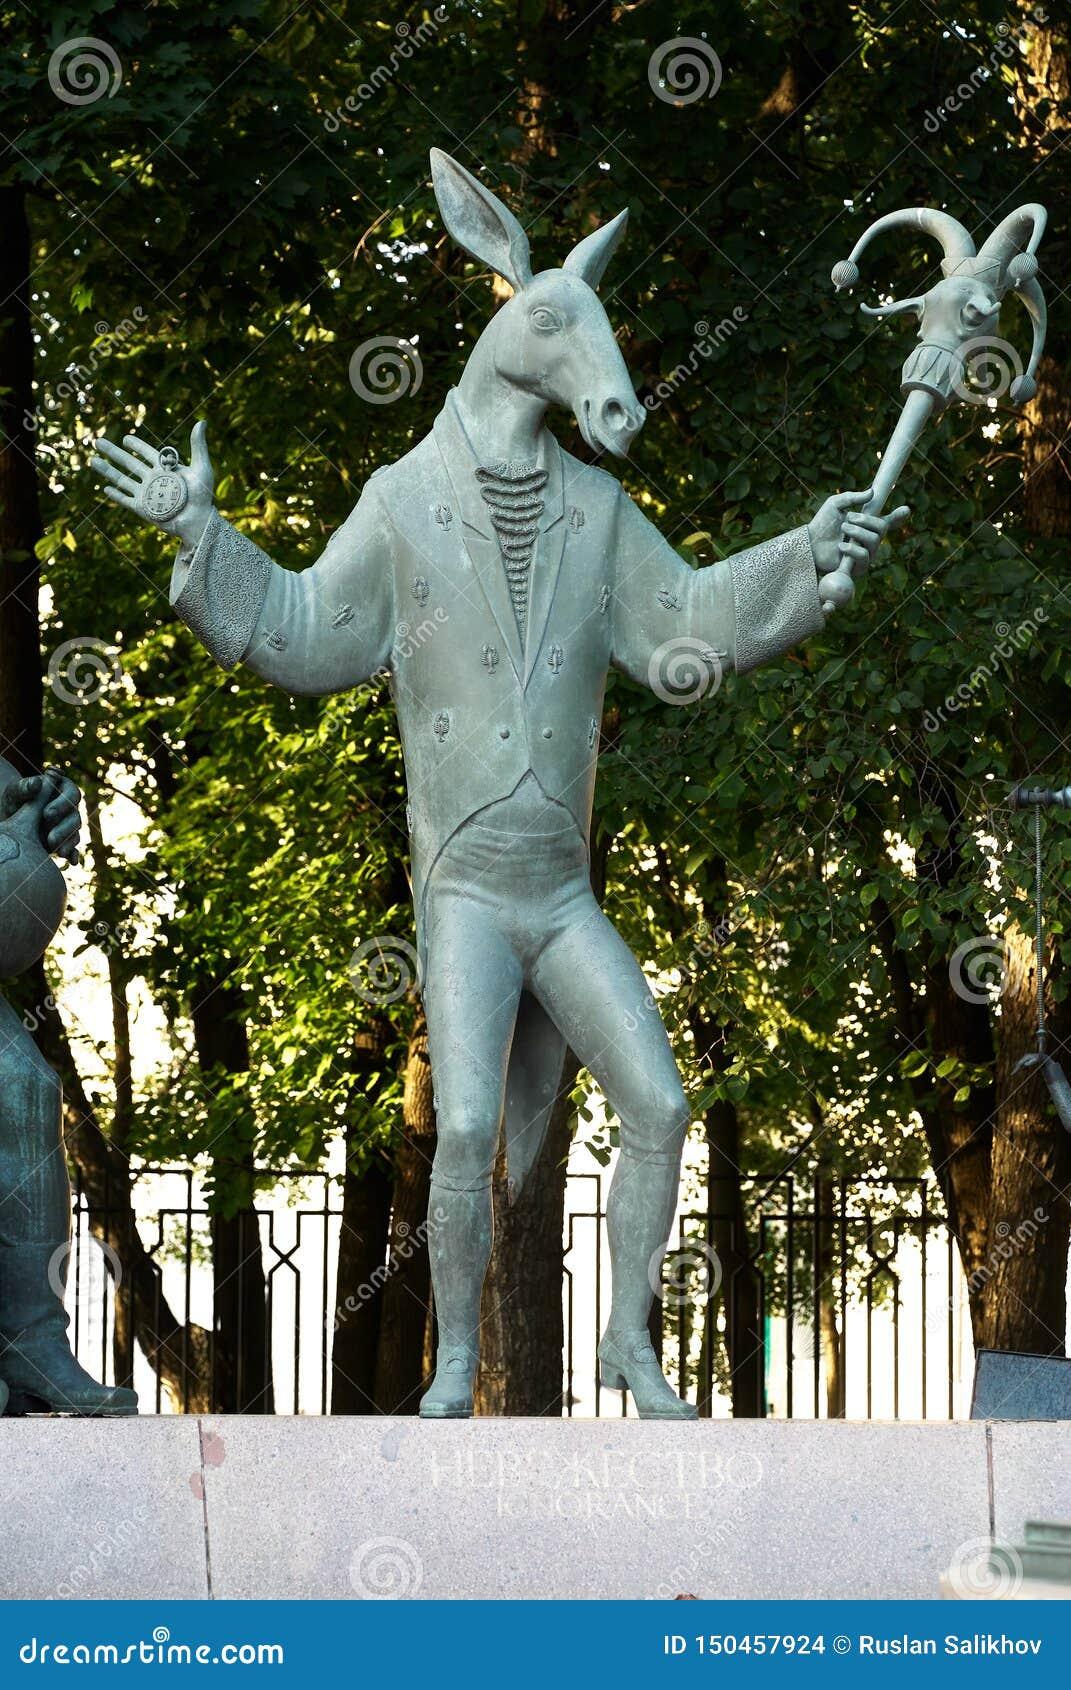 Moskou, Rusland - Juli 24, 2008: De kinderen zijn de Slachtoffers van Volwassen die Ondeugden is een groep bronsbeeldhouwwerken d